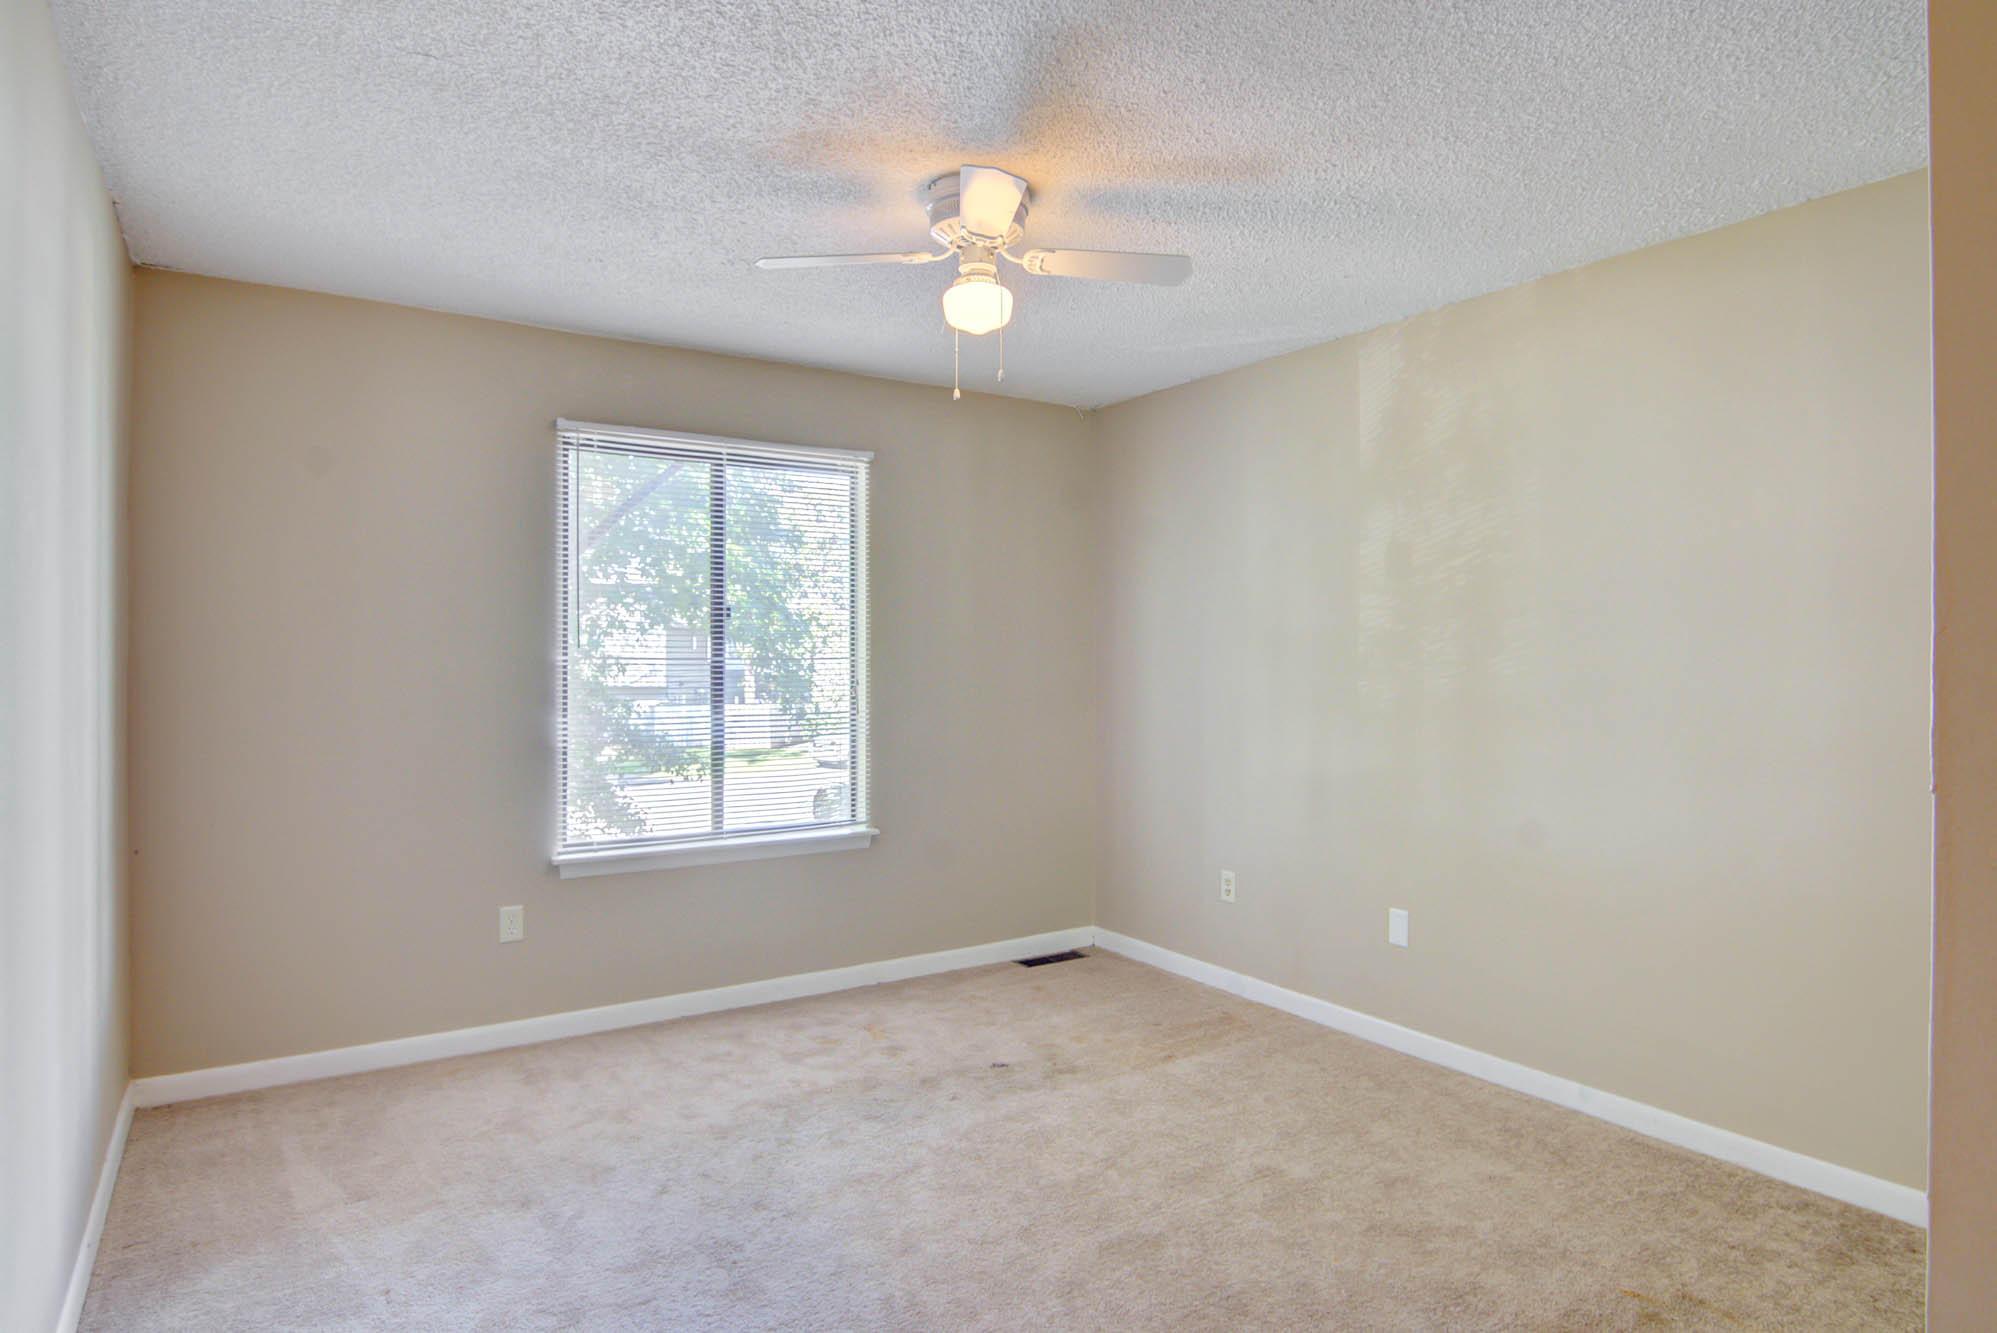 Otranto Club Villas III Homes For Sale - 2152 Spoleto, Charleston, SC - 0